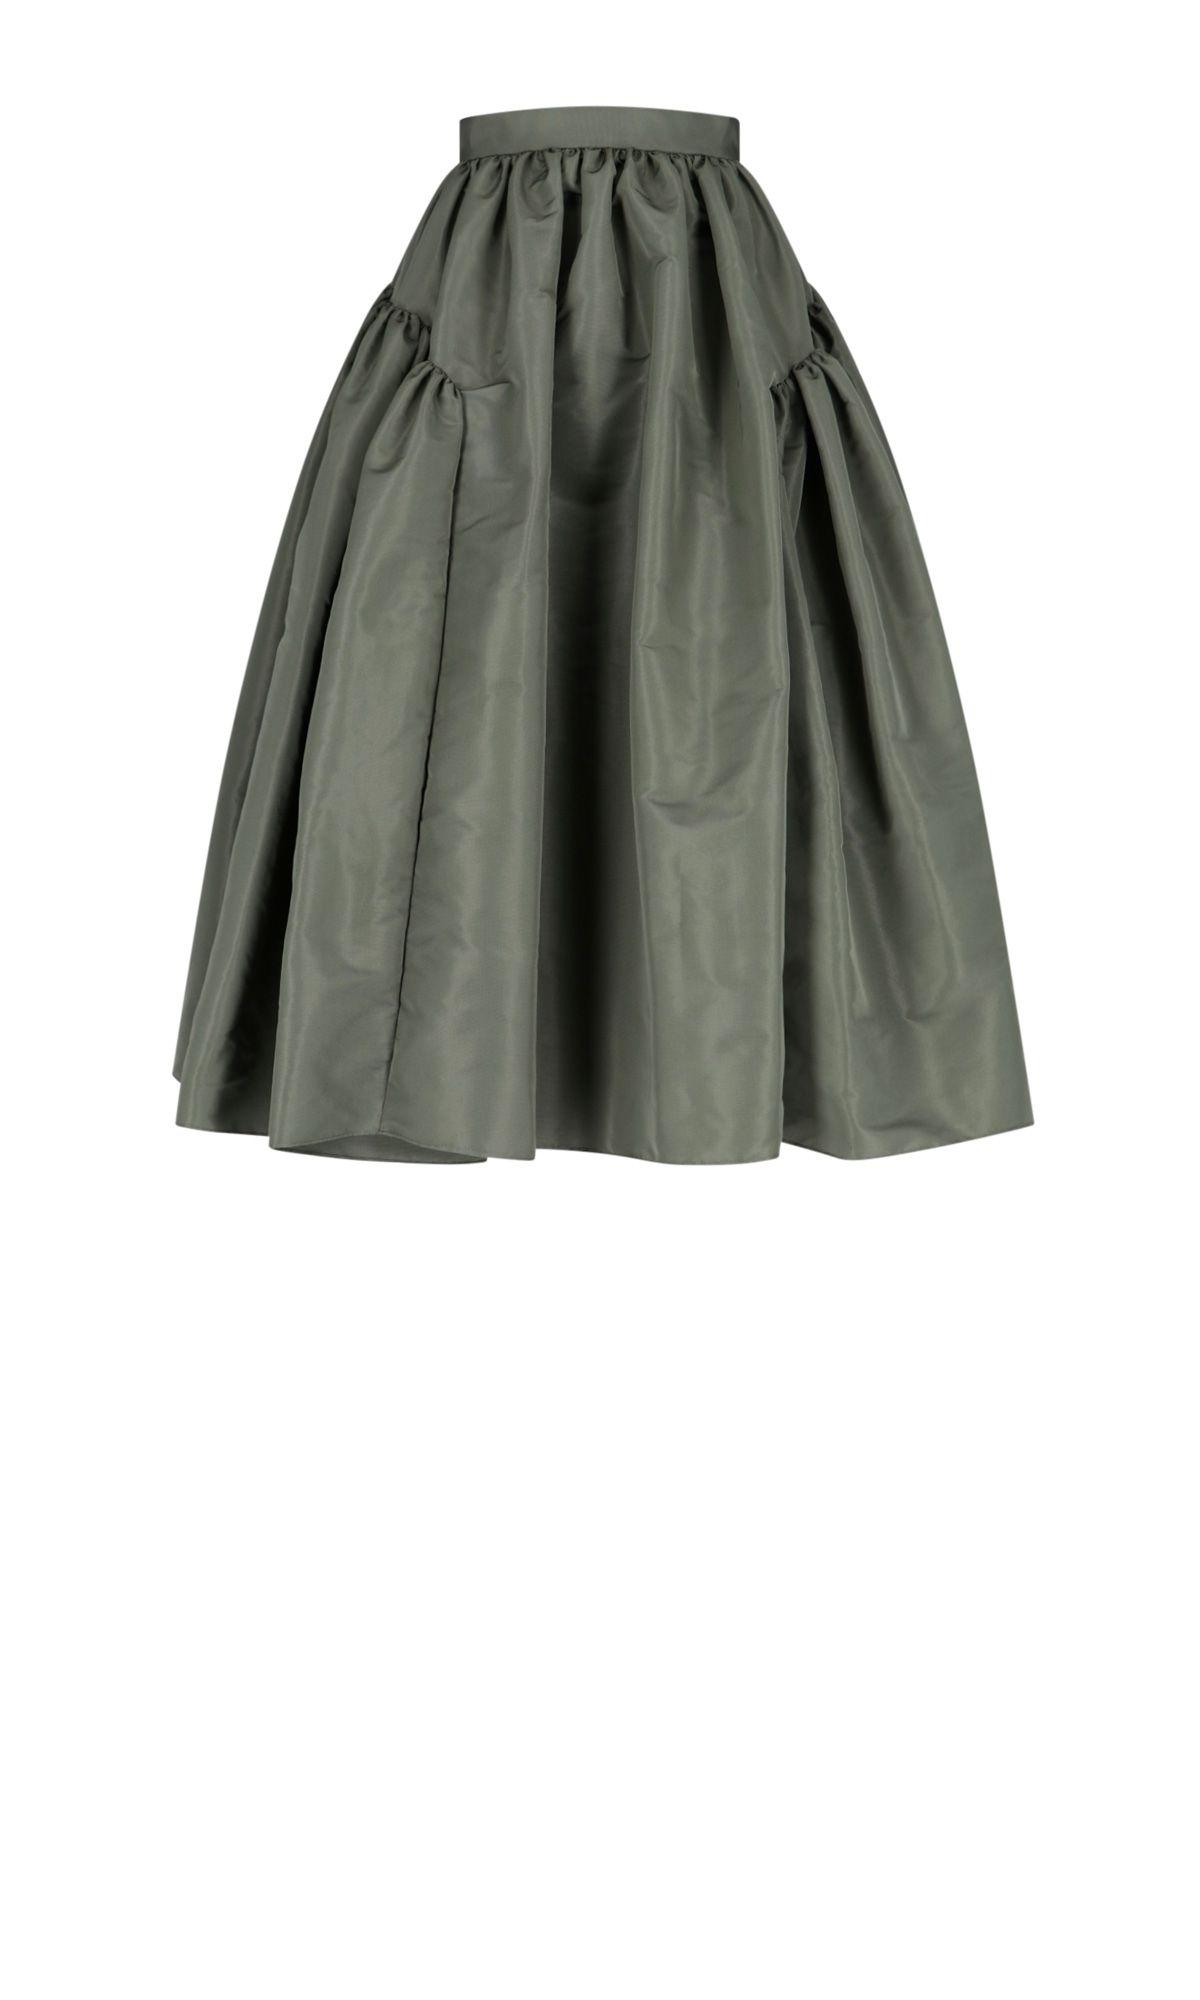 Alexander Mcqueen Women's 665397qeacm3009 Green Polyester Skirt